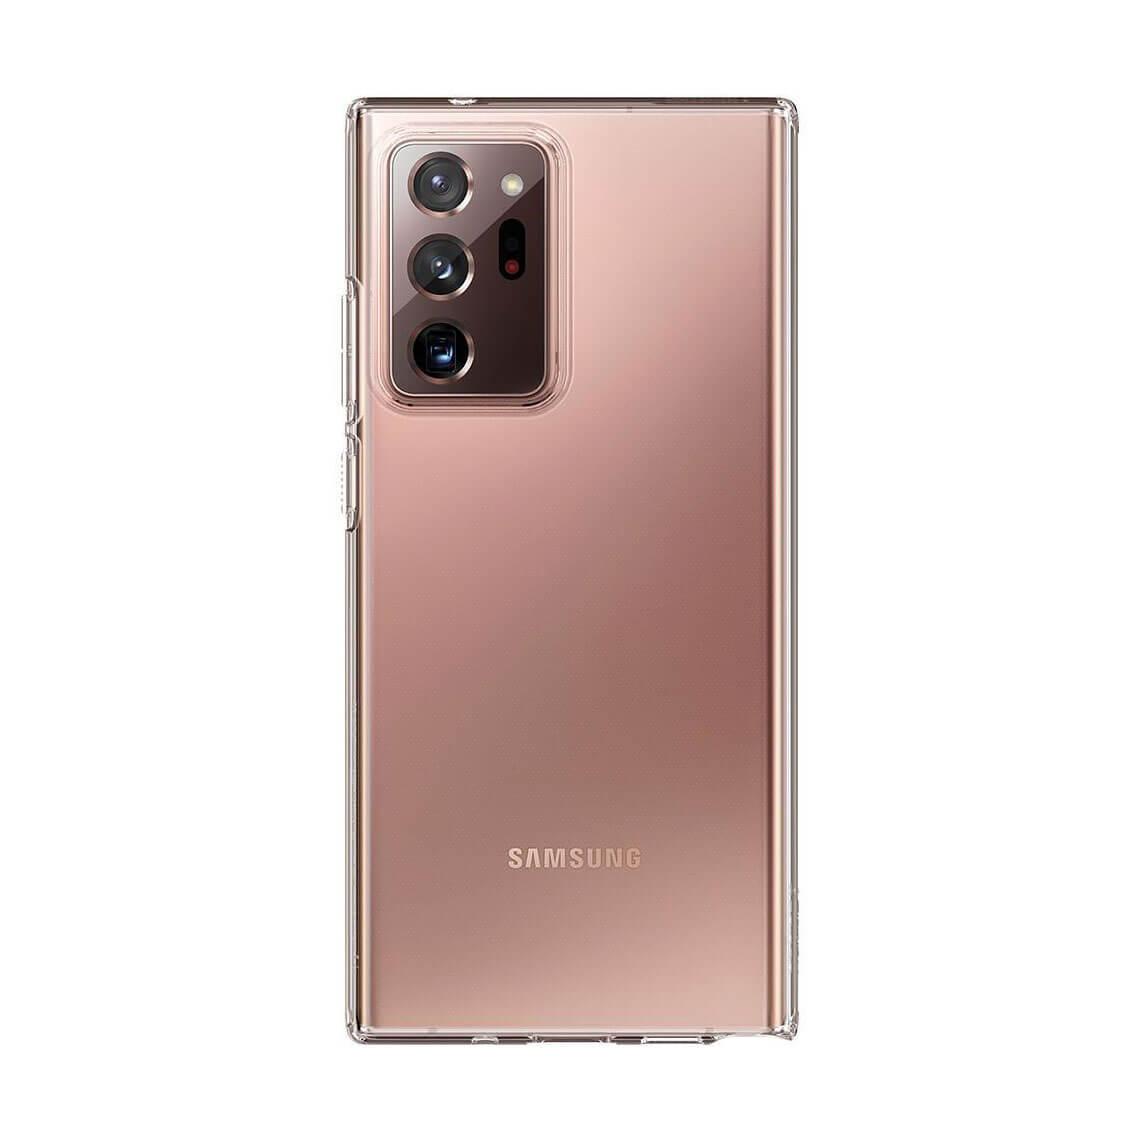 کاور اسپیگن Crystal Flex سامسونگ Galaxy Note 20 Ultra